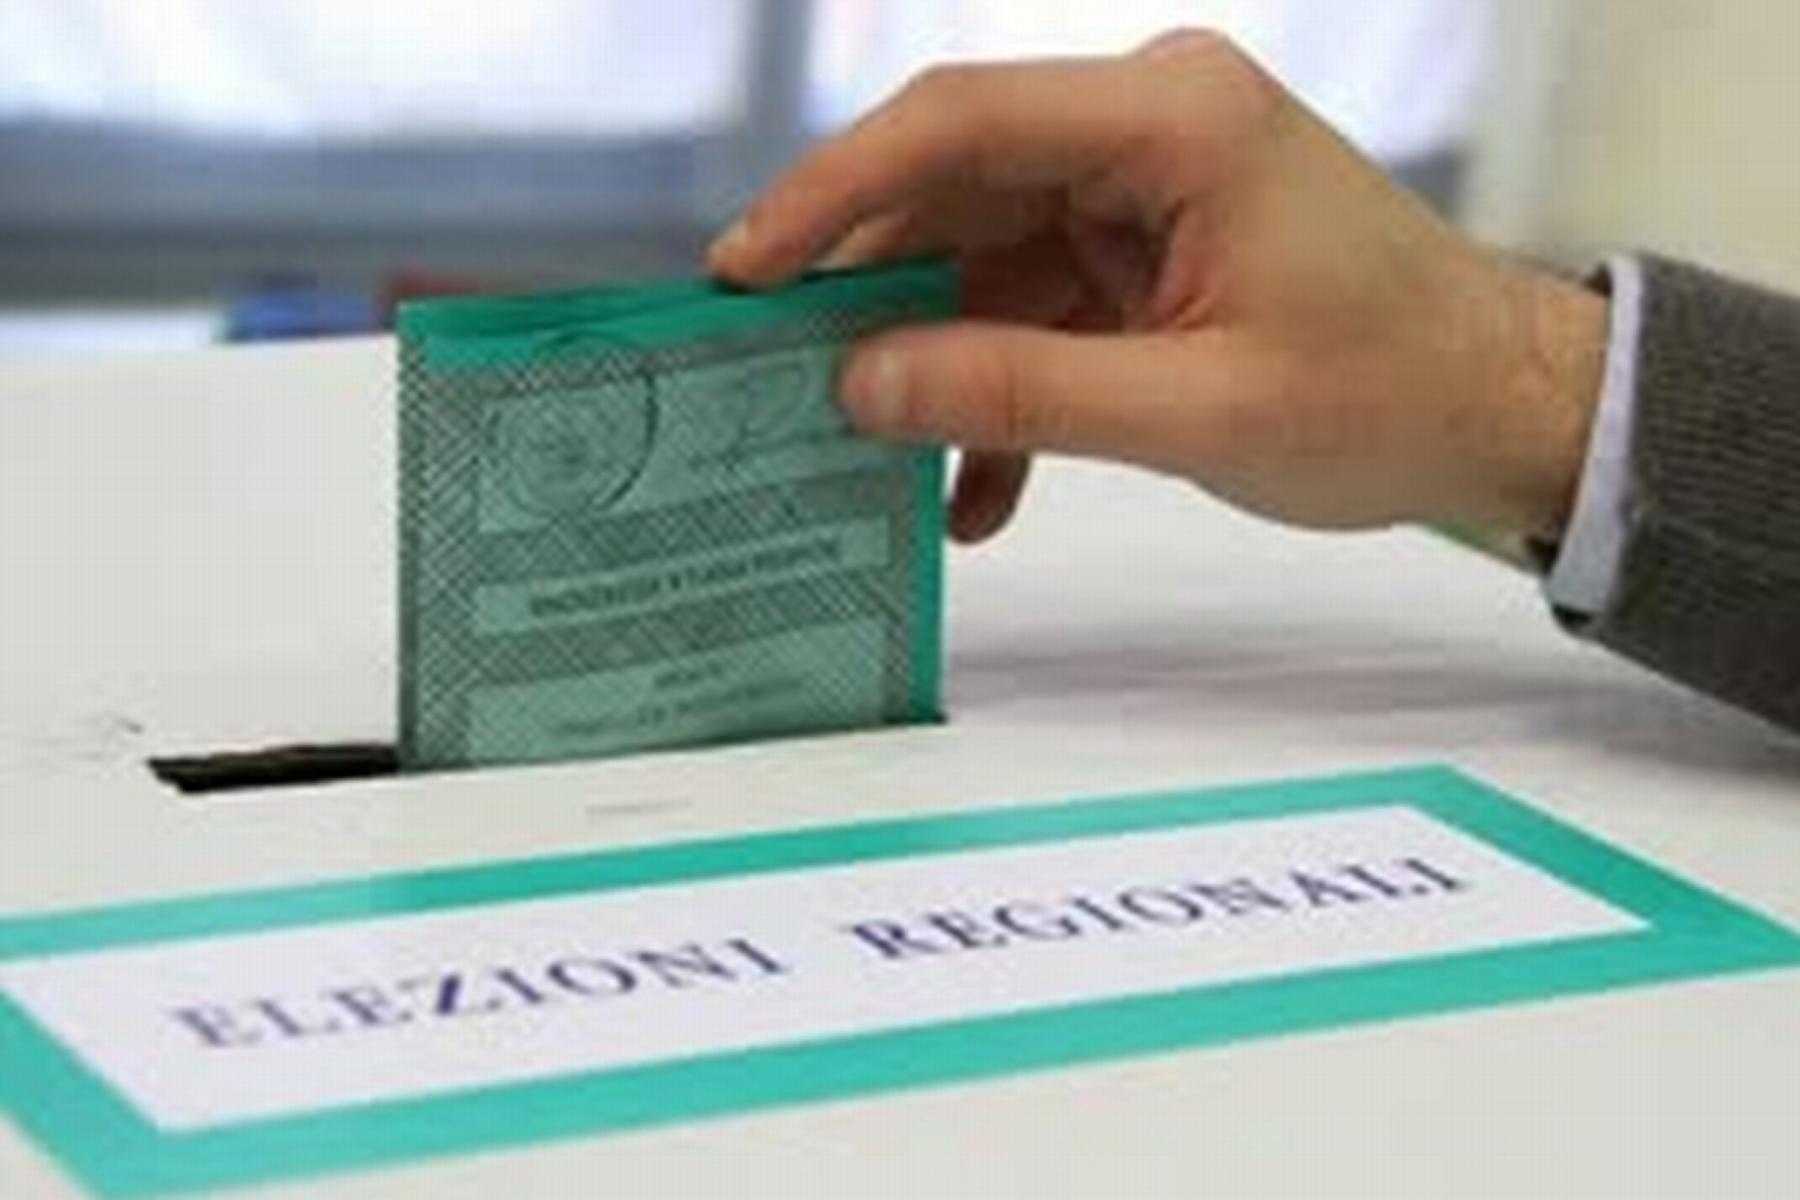 Voto amministrative, Censis: rischio fuga dalle urne